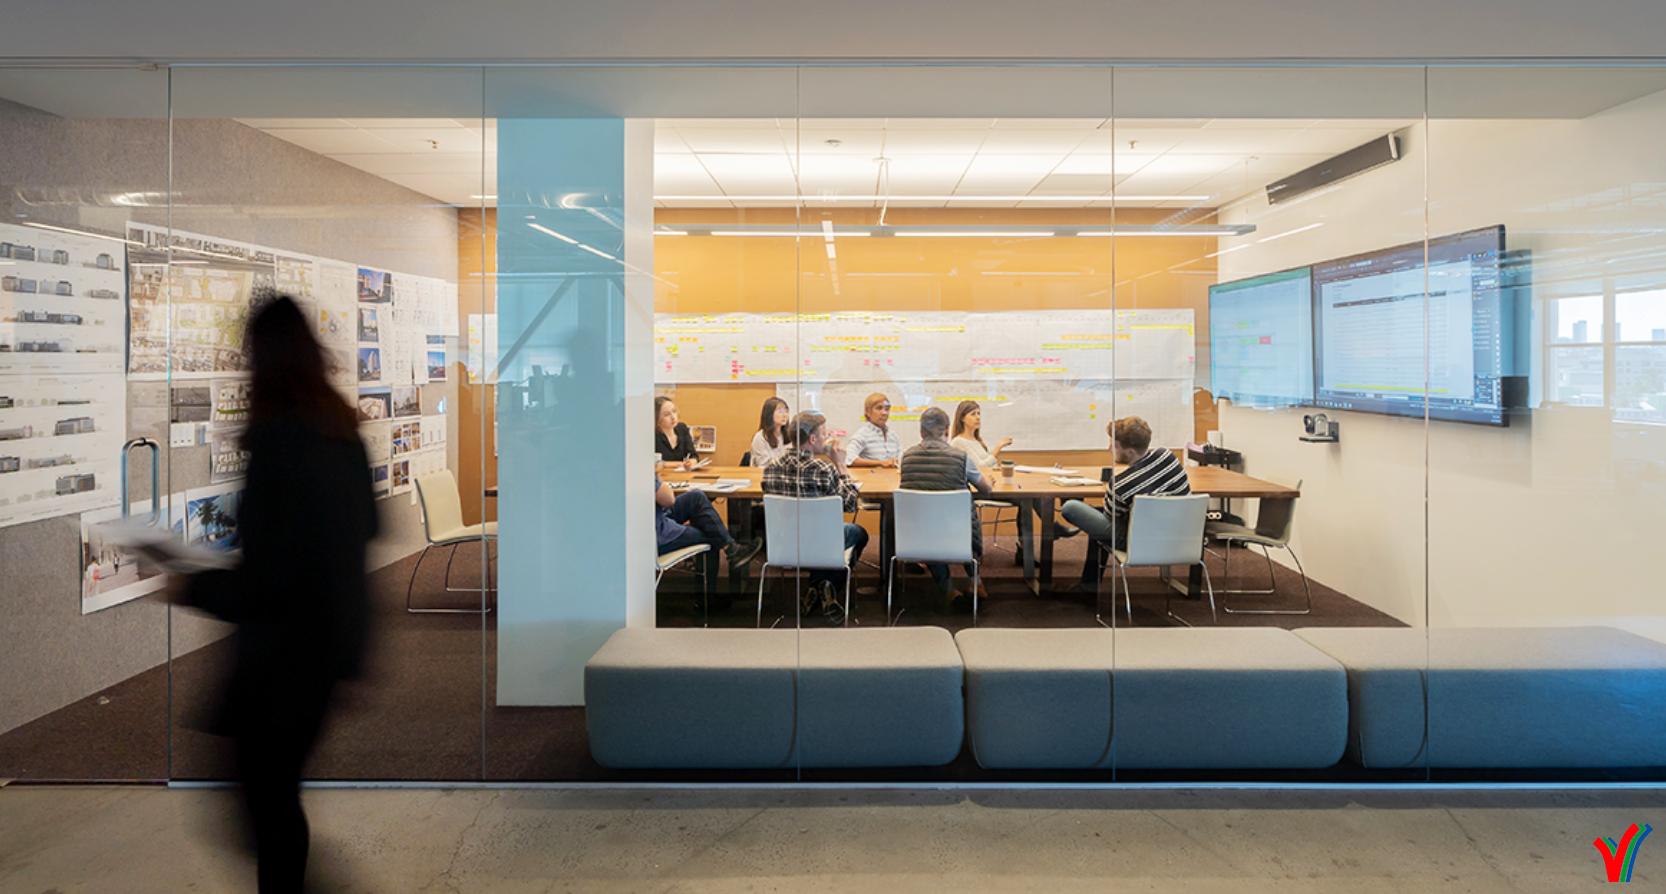 Studio di architettura statunitense, WRNS Studio, sceglie l'audioconferenza di Nureva